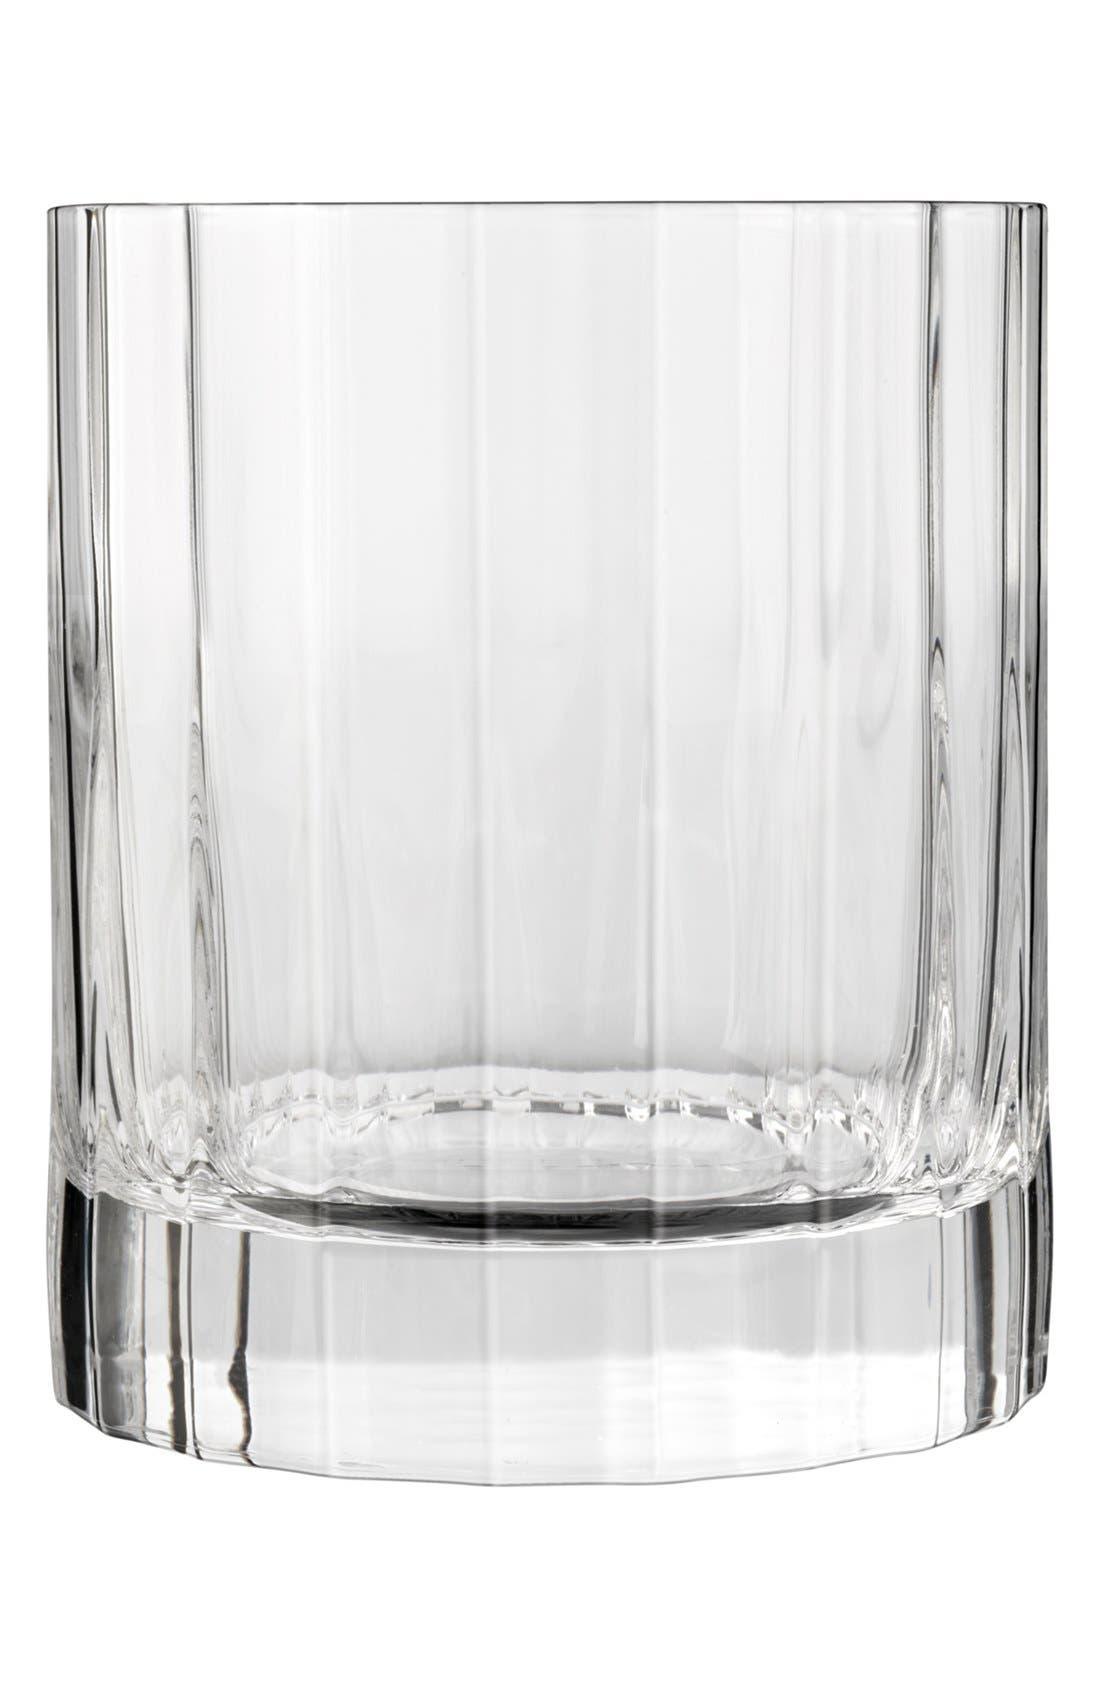 Alternate Image 1 Selected - Luigi Bormioli 'Bach' Double Old Fashioned Glasses (Set of 4)